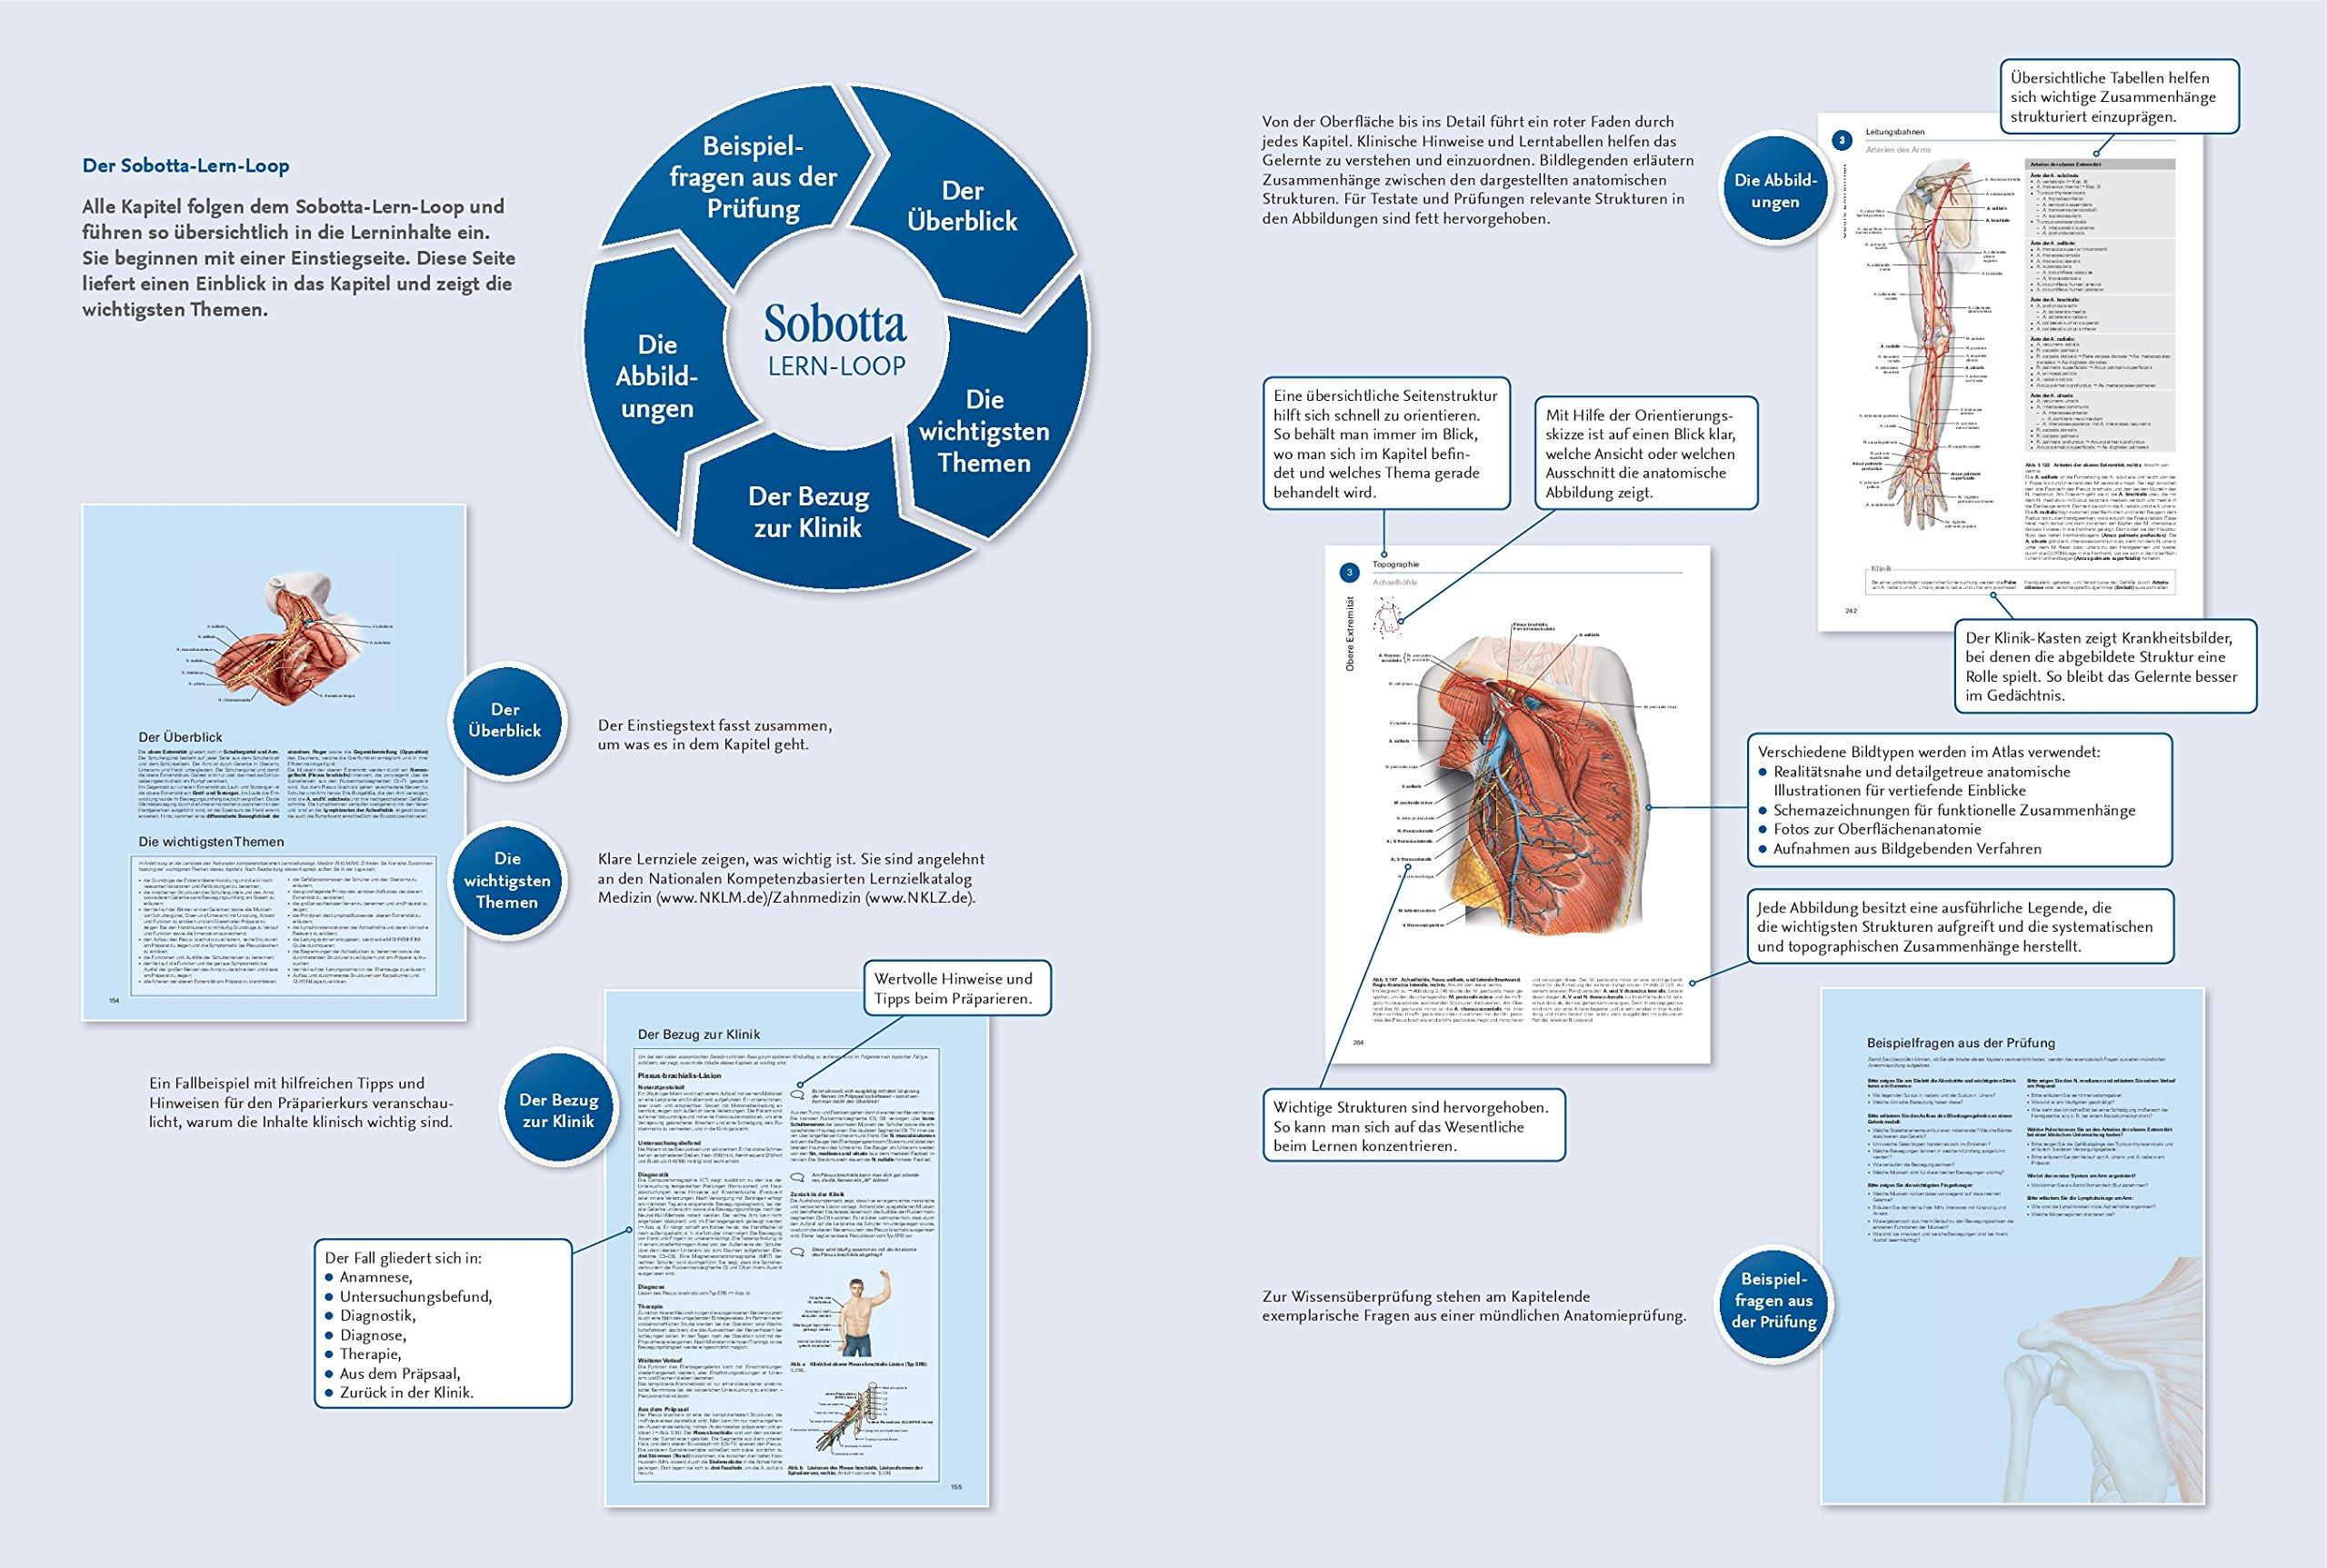 Sobotta, Atlas der Anatomie - 3 Bände und Tabellenheft im Schuber ...